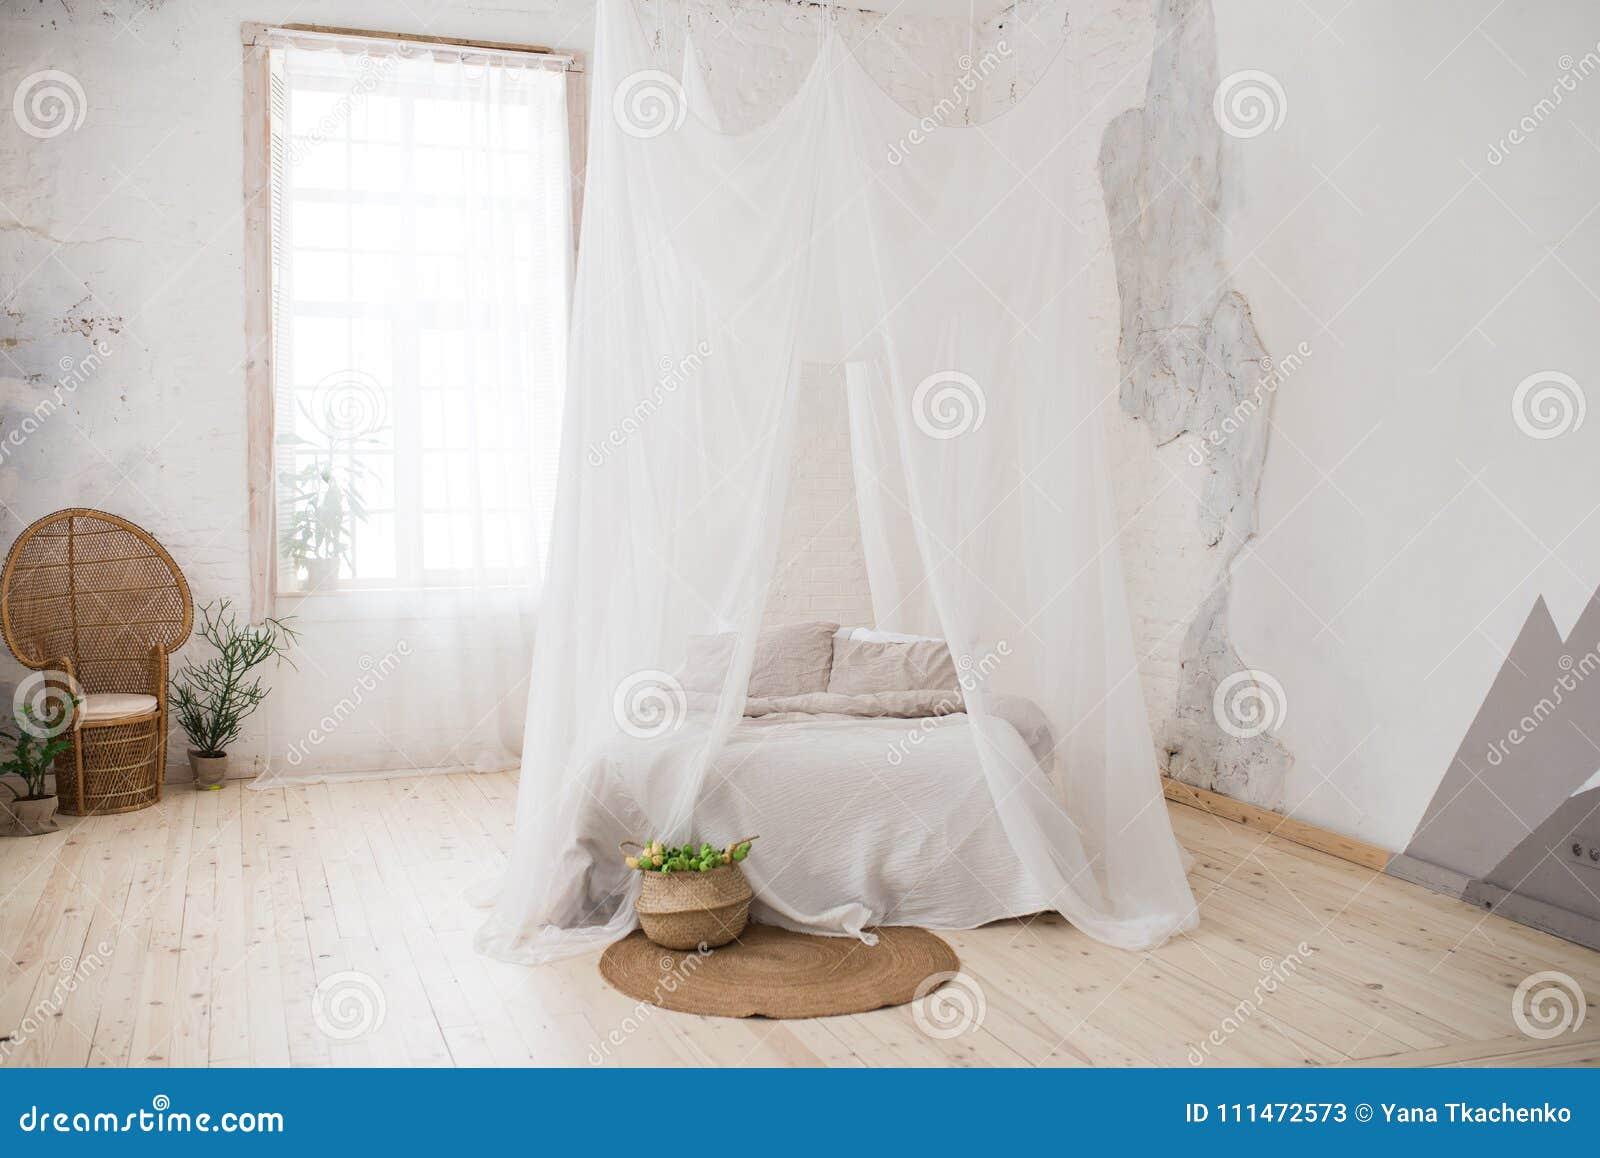 Dwoisty łóżko Z Szarą łóżkową Pościelą I Baldachimem